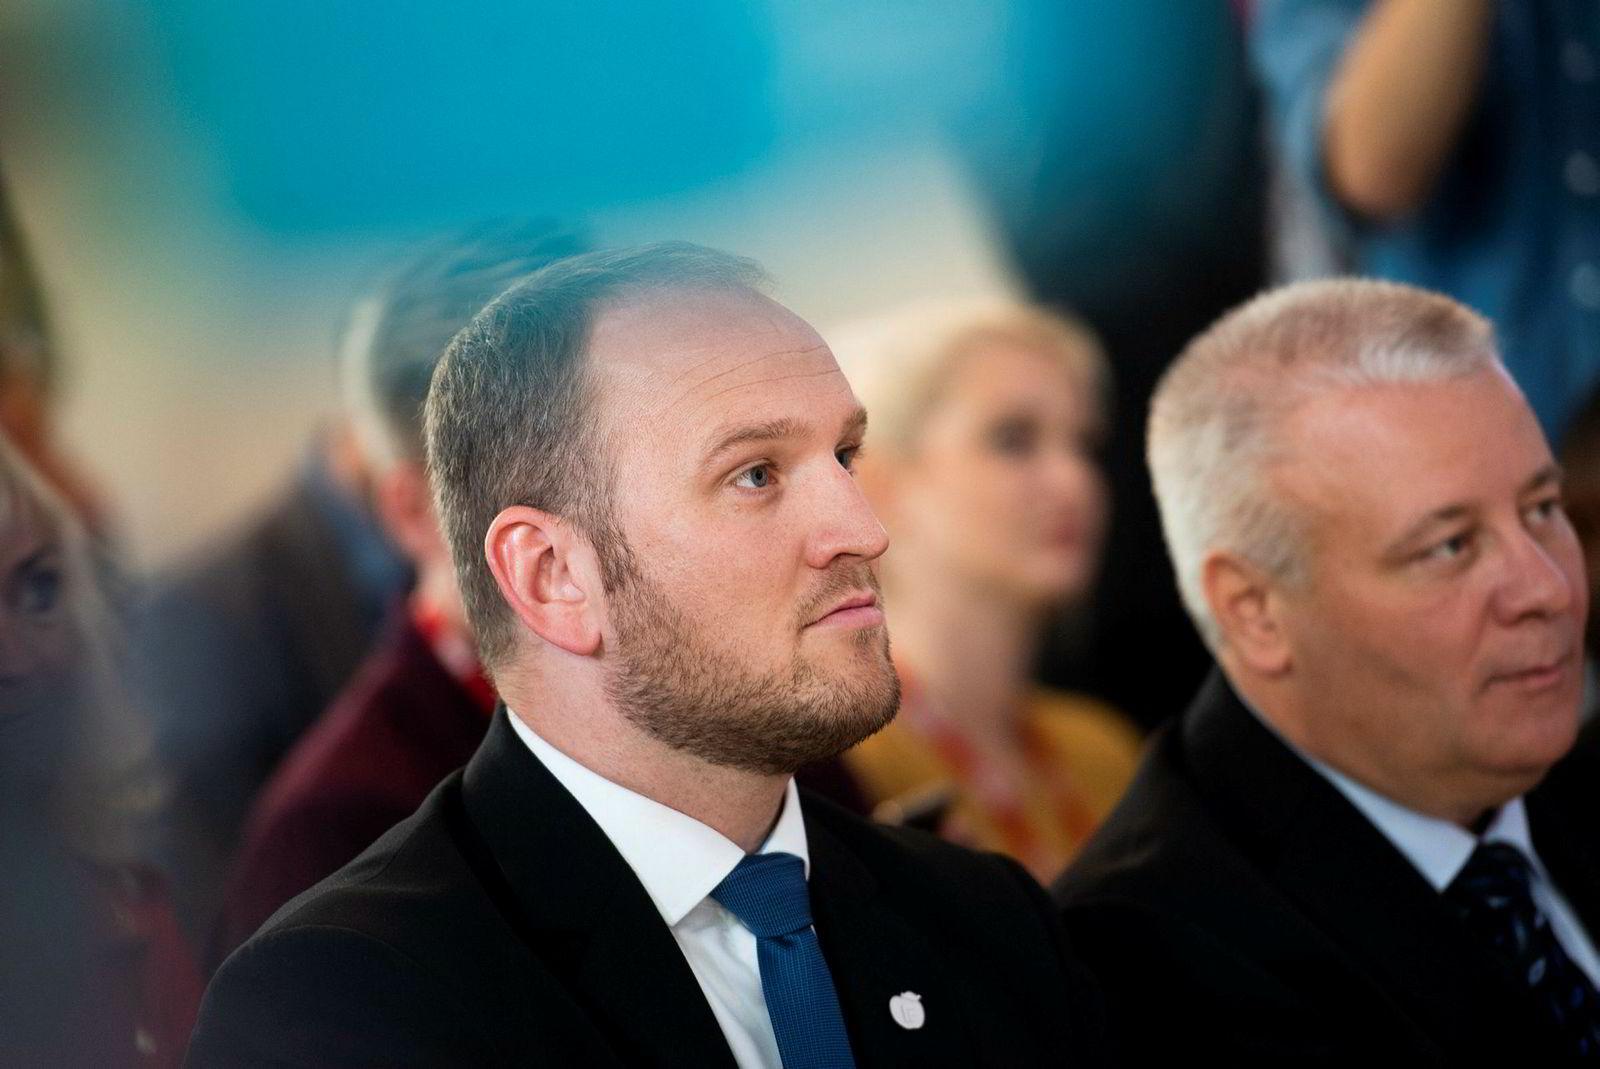 Samferdselsminister Jon Georg Dale (Frp) er bedt om å stanse Vy-navnet. Her er Dale med tidligere landbruksminister Bård Hoksrud (Frp).